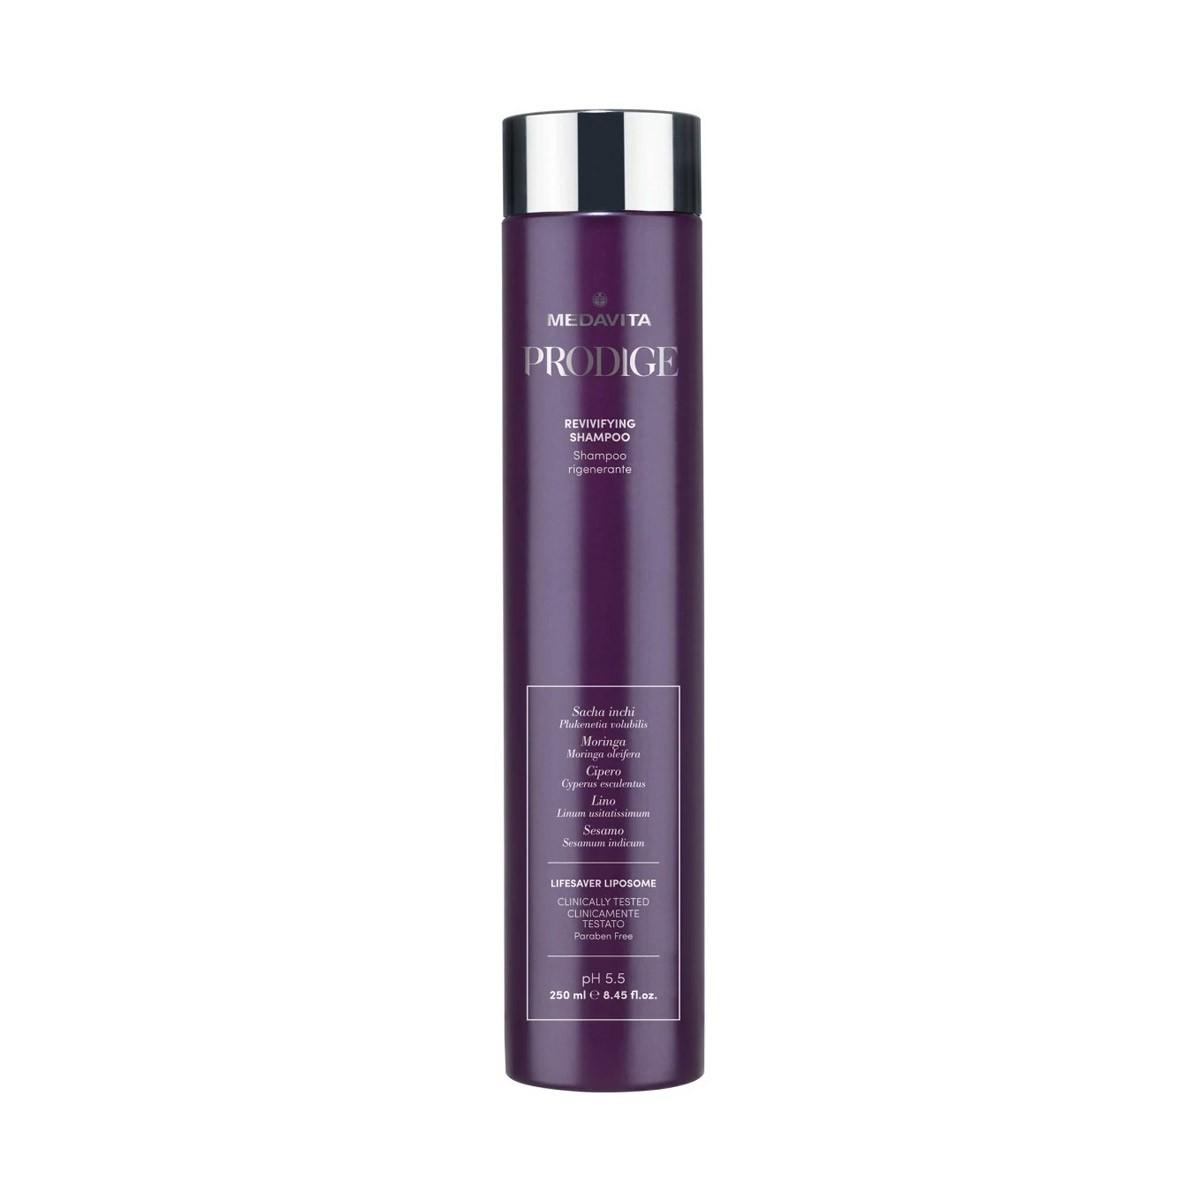 MEDAVITA Prodige Revivifying Shampoo 250ml - Szampon do włosów zniszczonych natychmiastowo odbudowujący i regenerujący